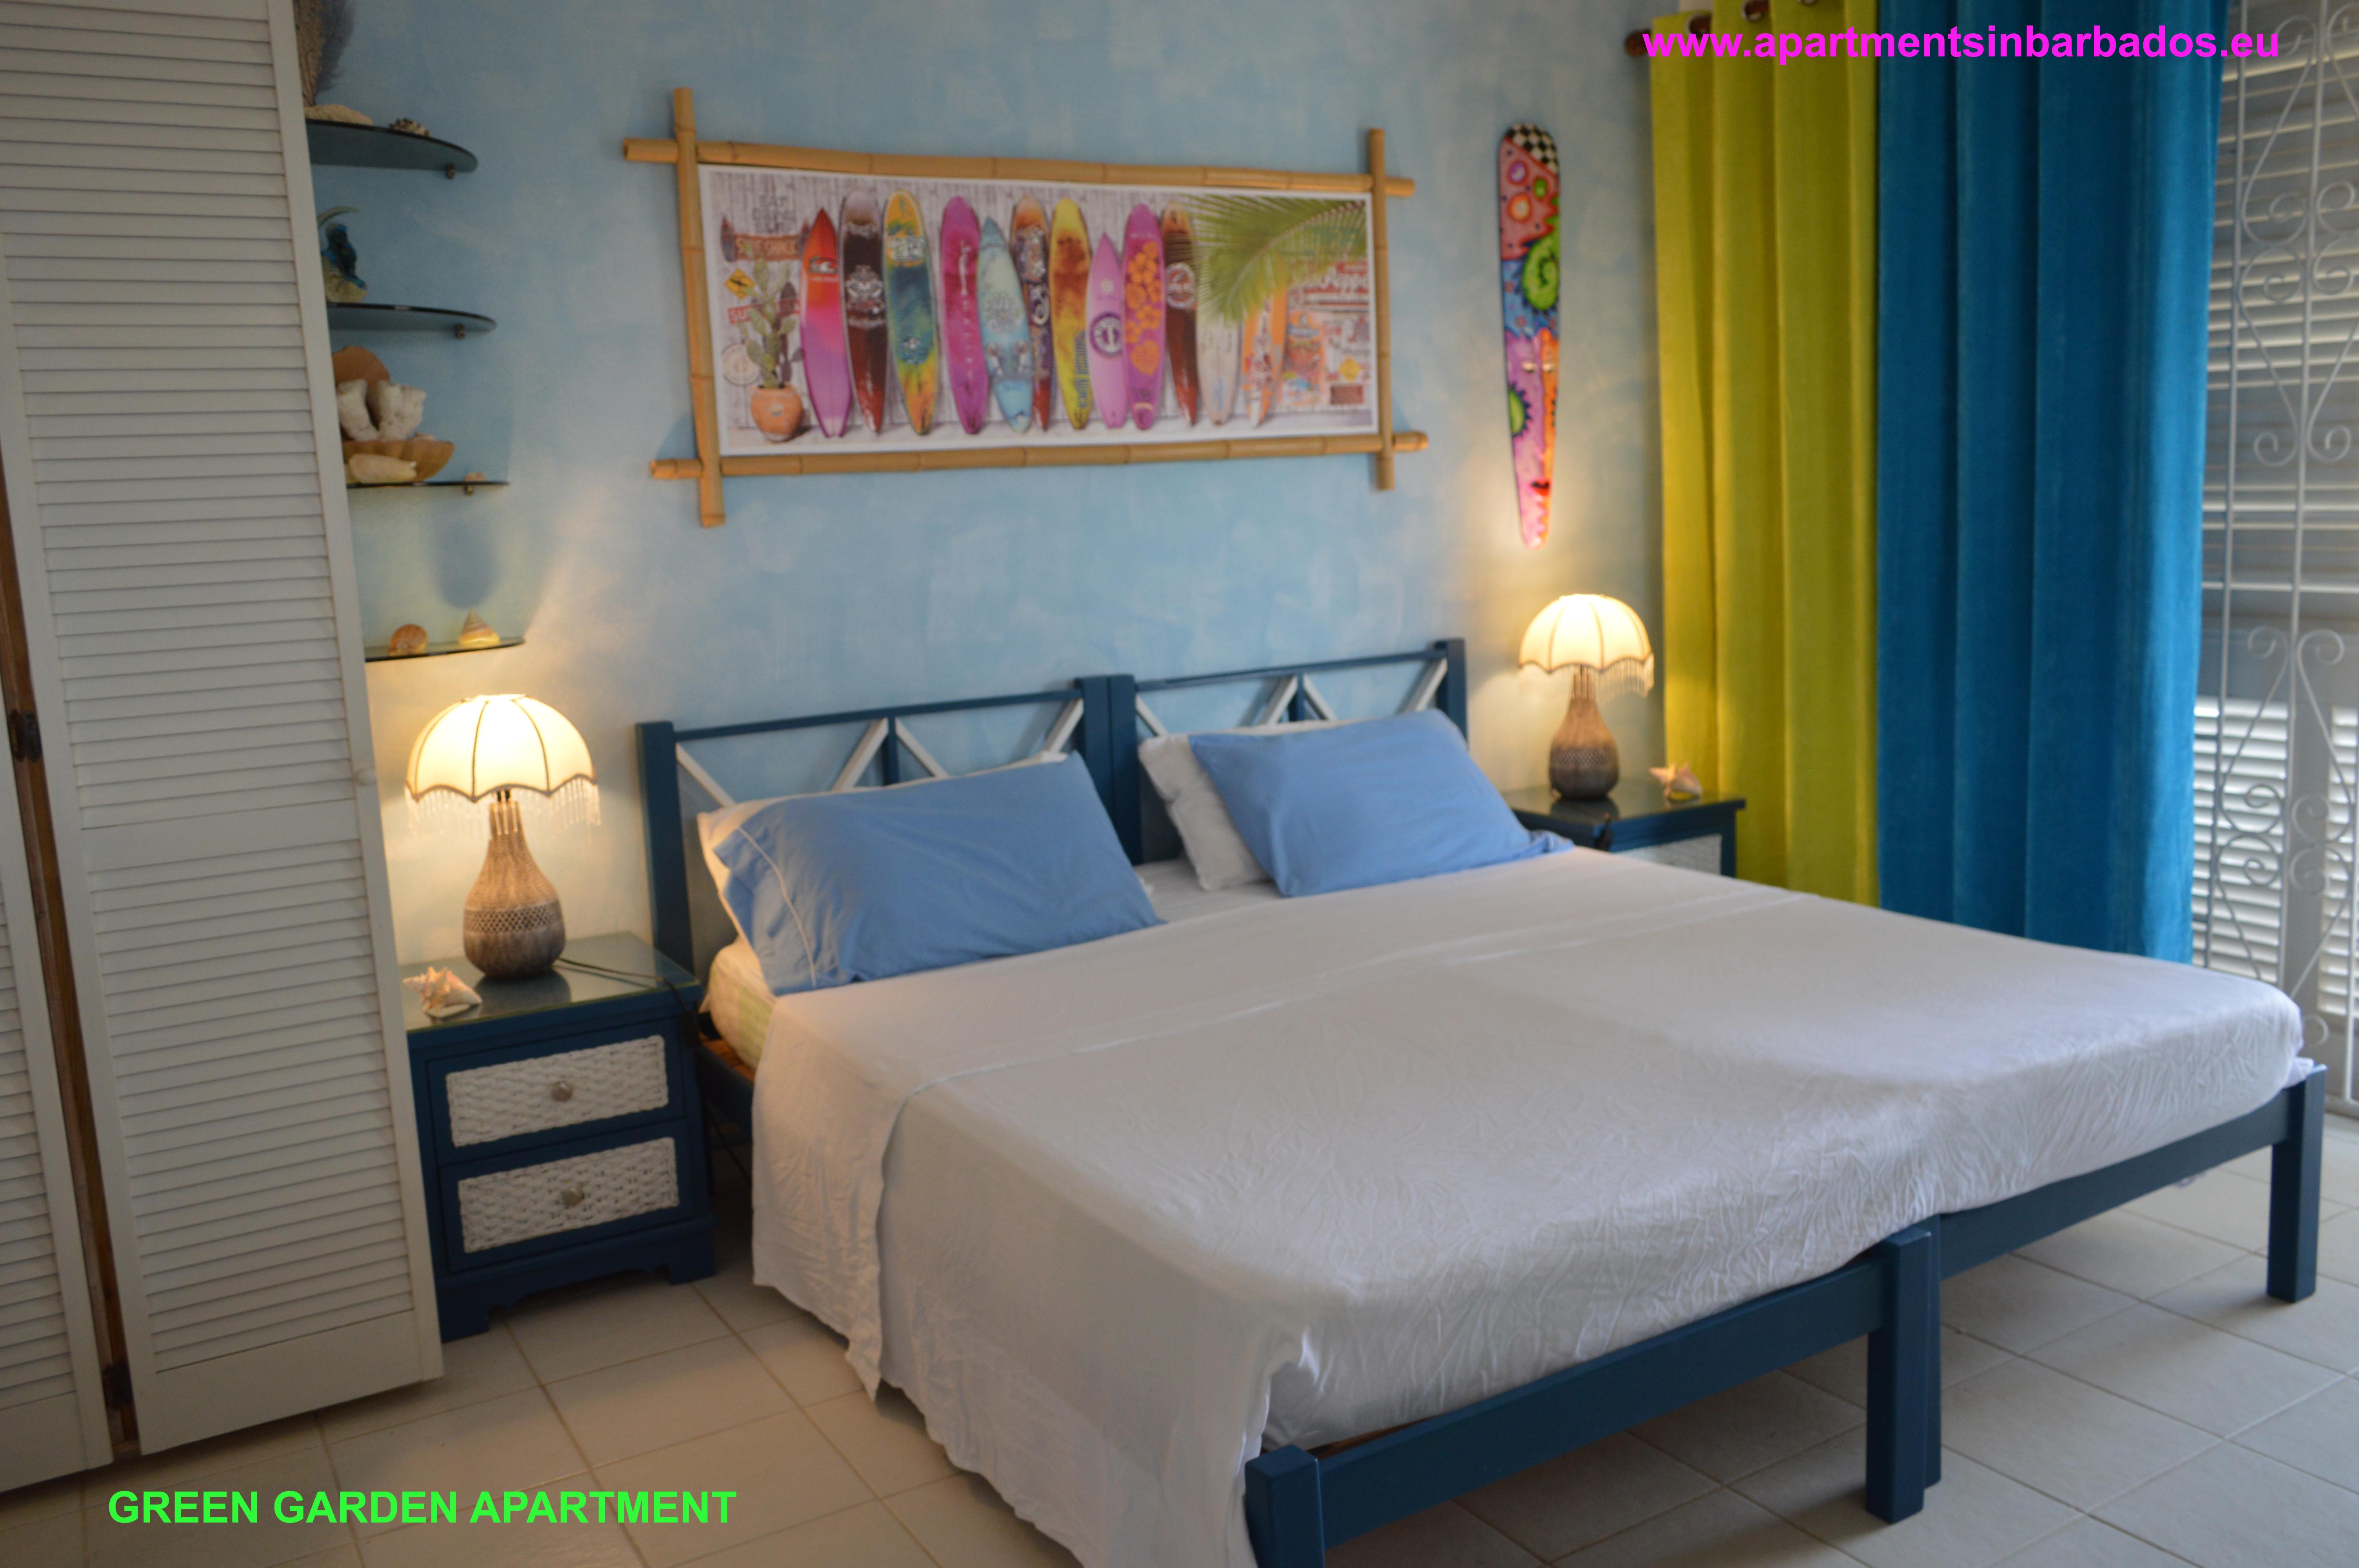 Green Garden Apartment - Bedroom